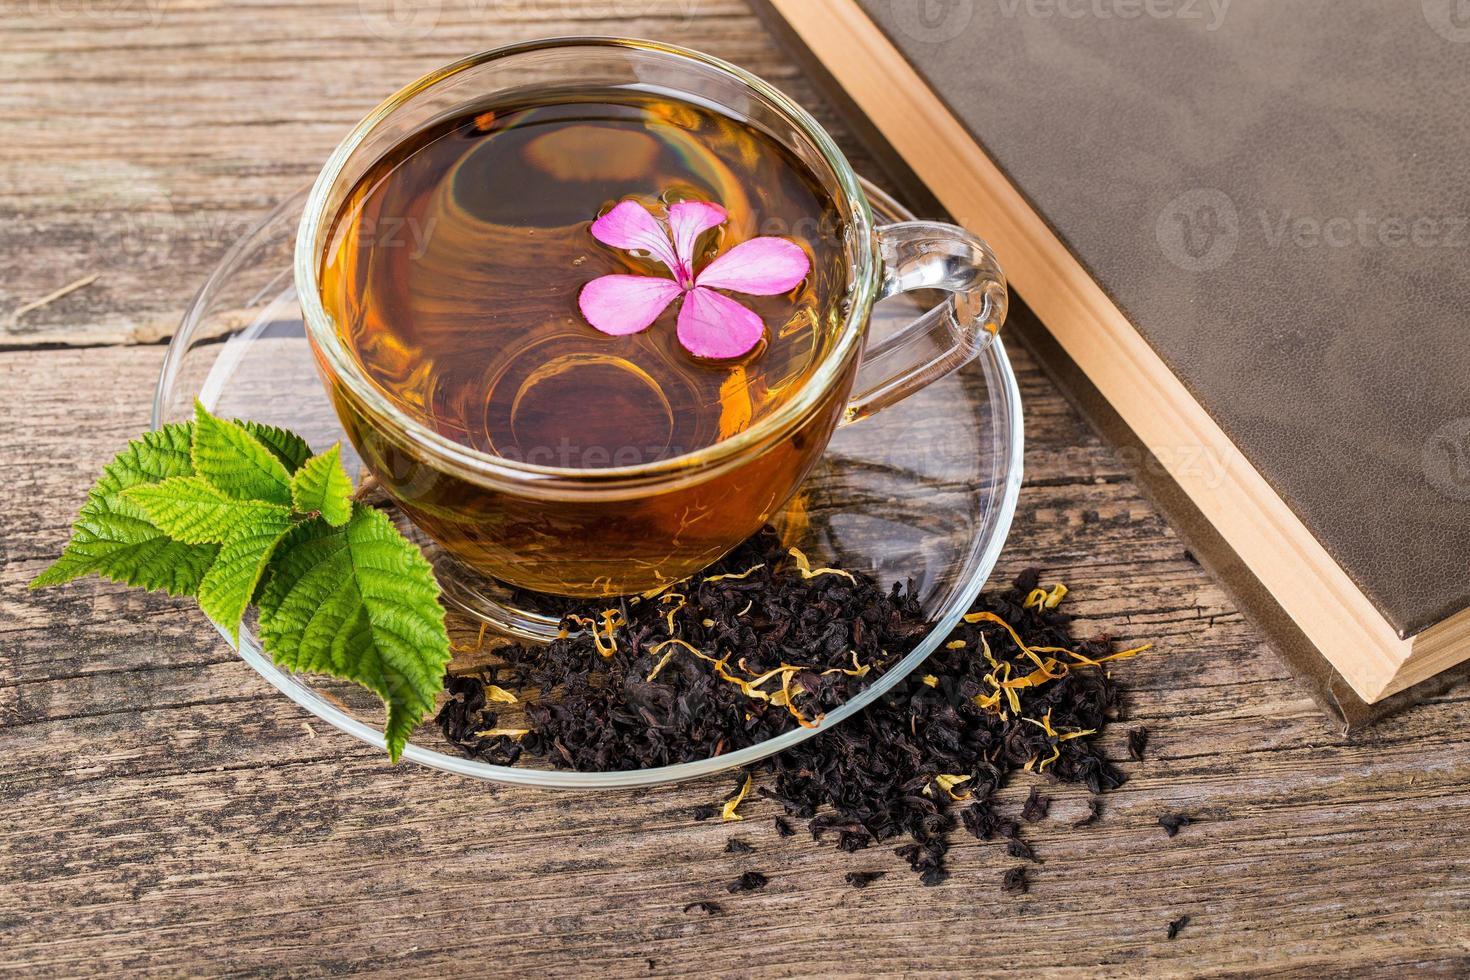 thee met roze bloem en muntblad, op hout foto